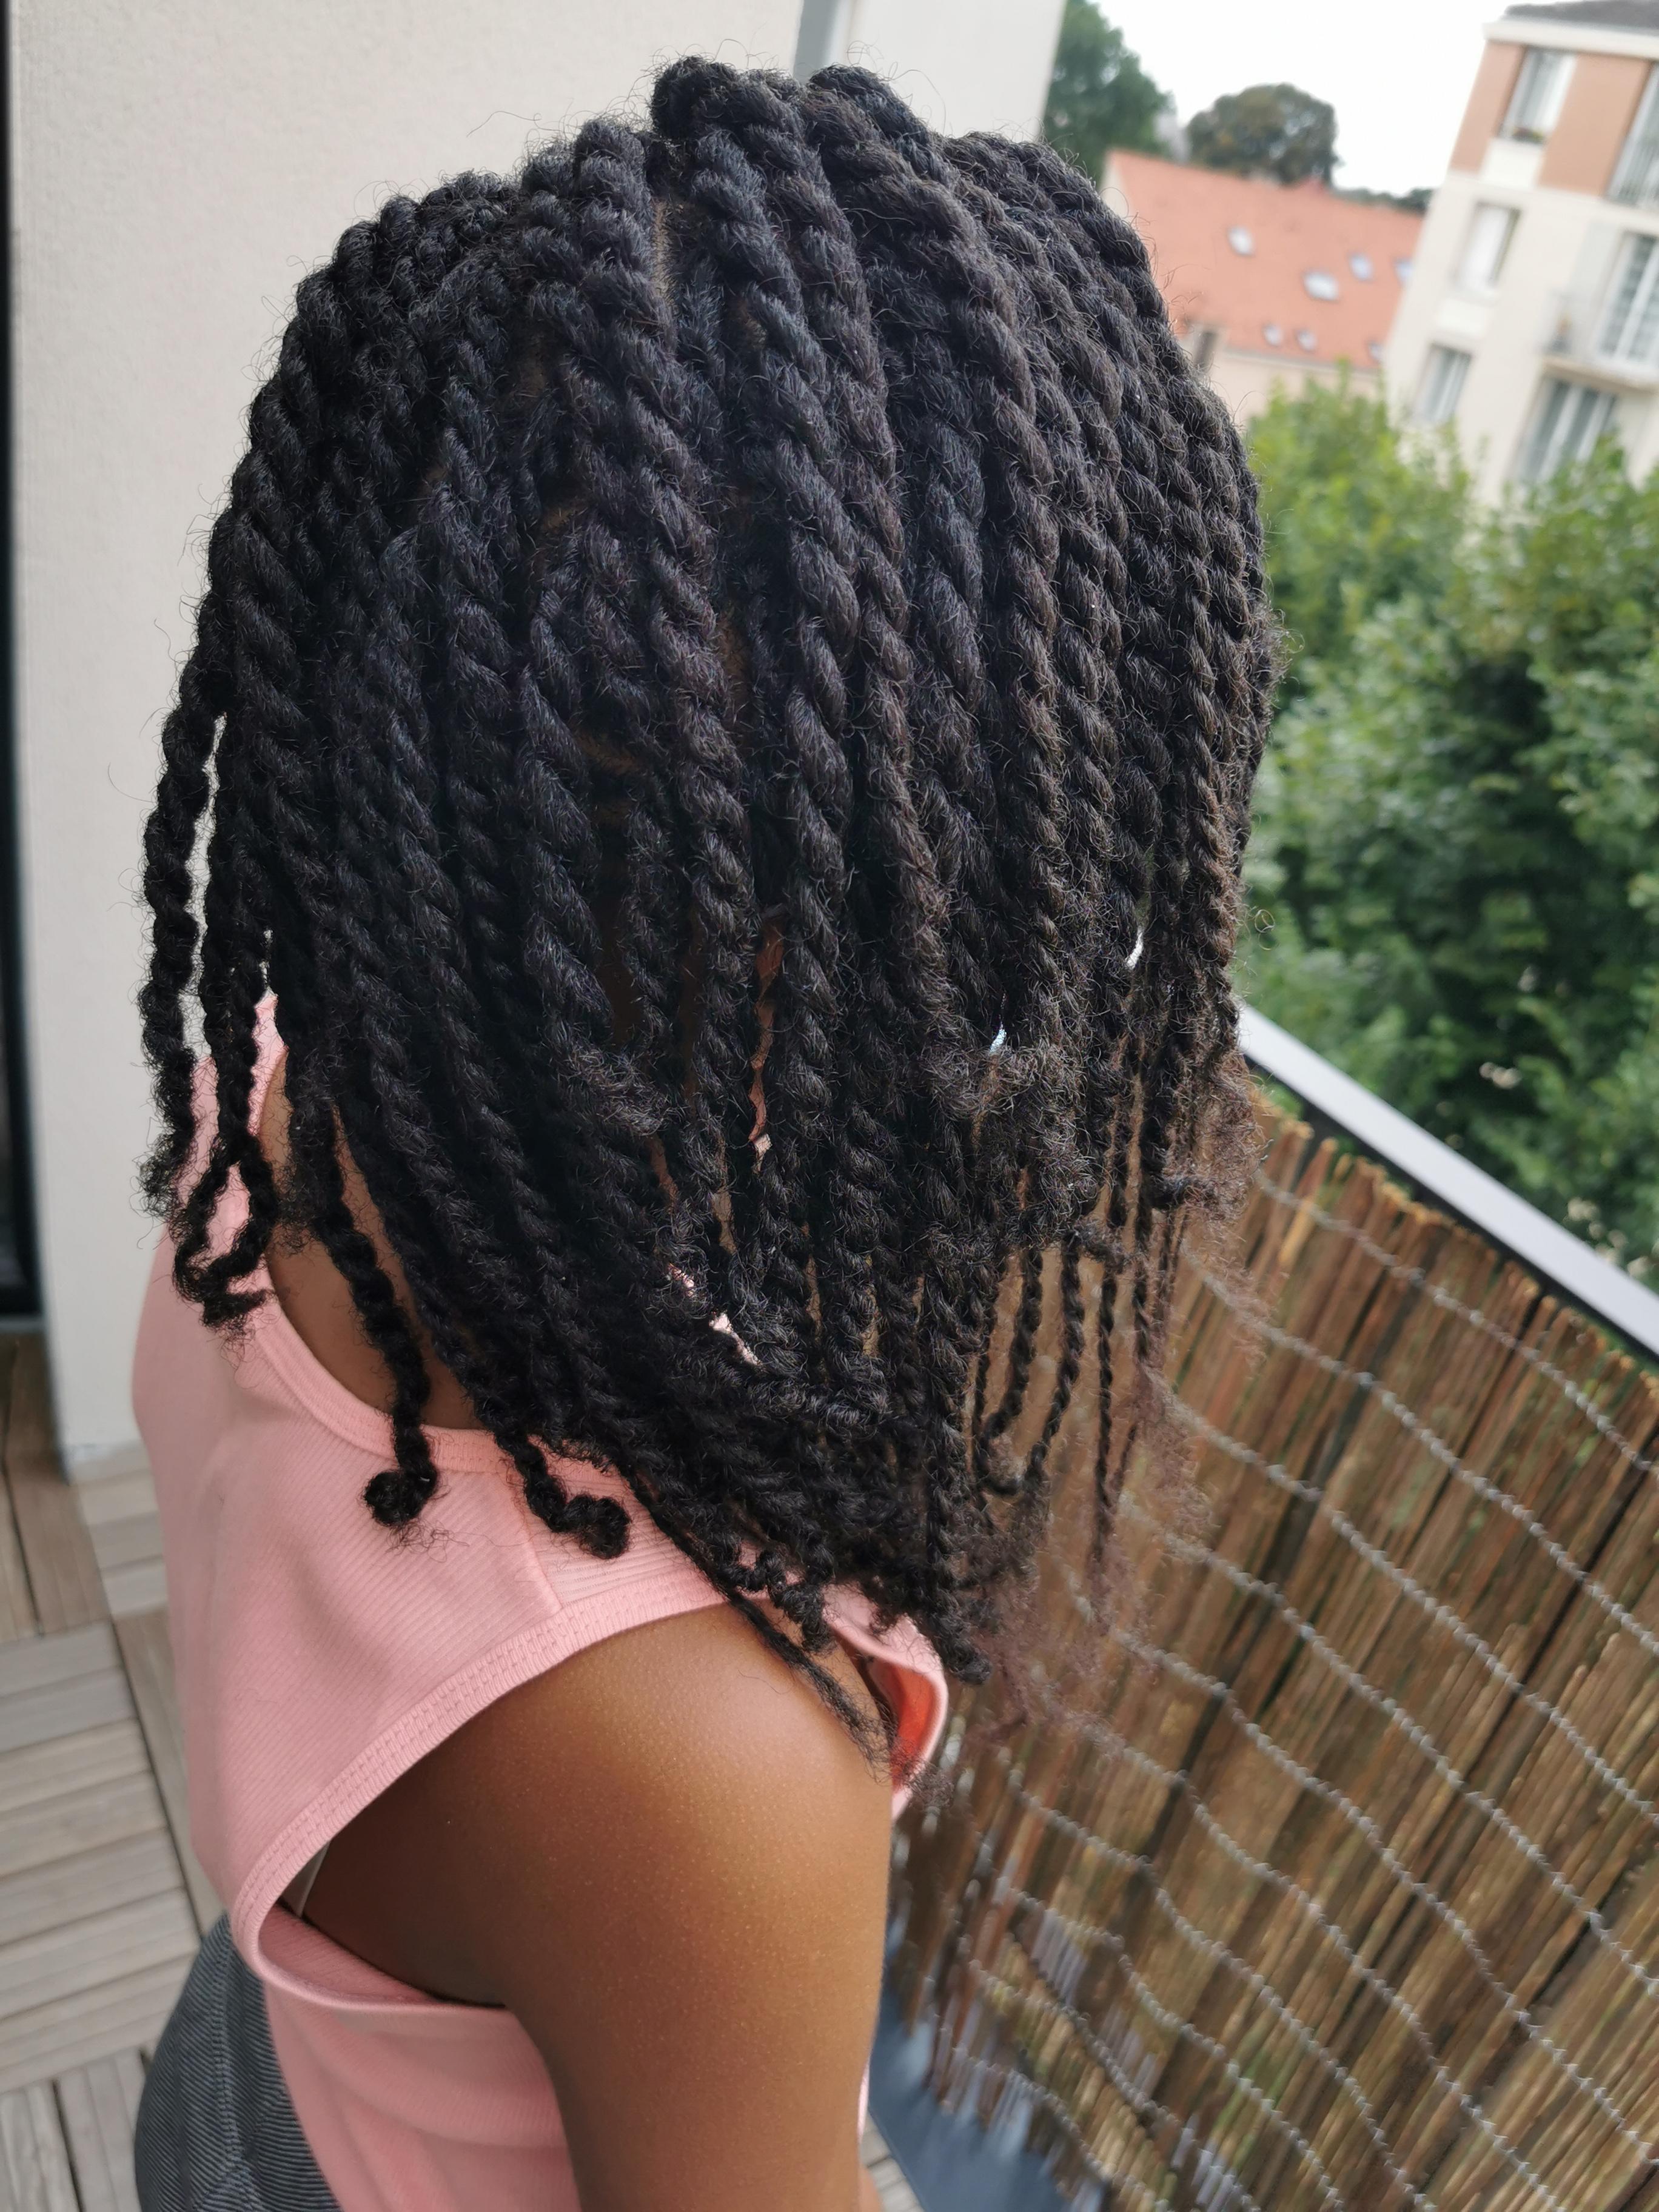 salon de coiffure afro tresse tresses box braids crochet braids vanilles tissages paris 75 77 78 91 92 93 94 95 KSNVAMUL